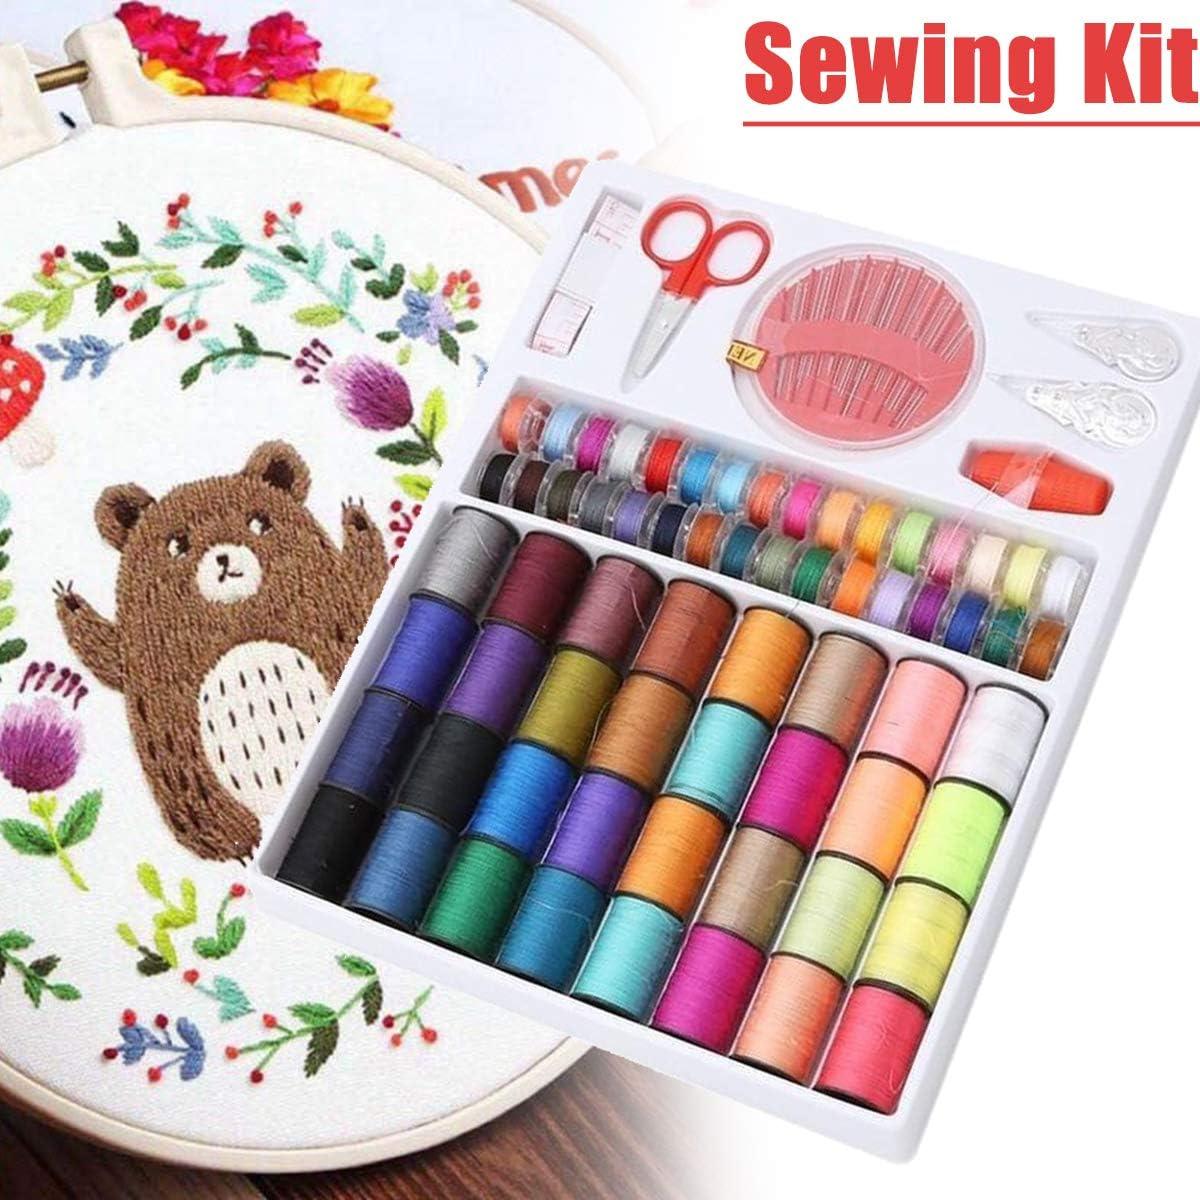 zhuangyulin6 100PCS Kit de Costura para el hogar, Kit de máquina ...